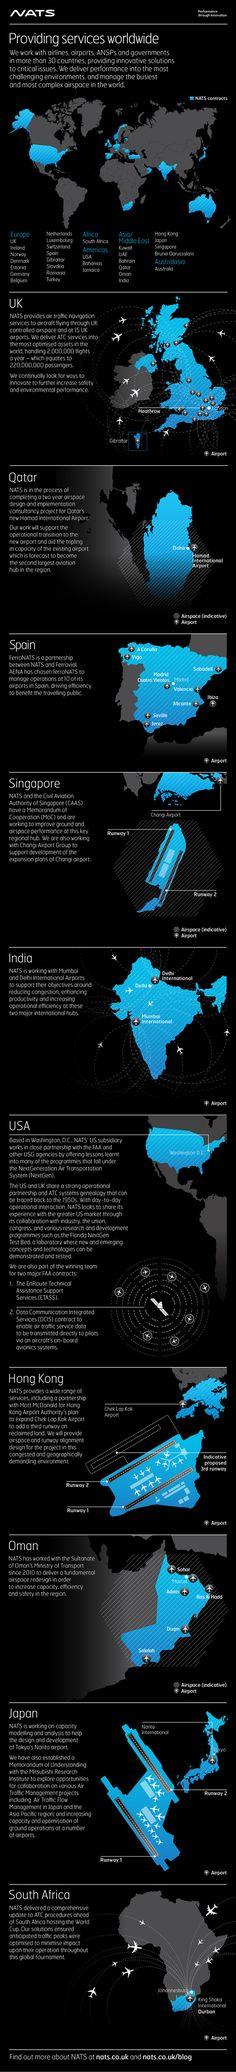 Infographic: NATS around the world - NATS Blog